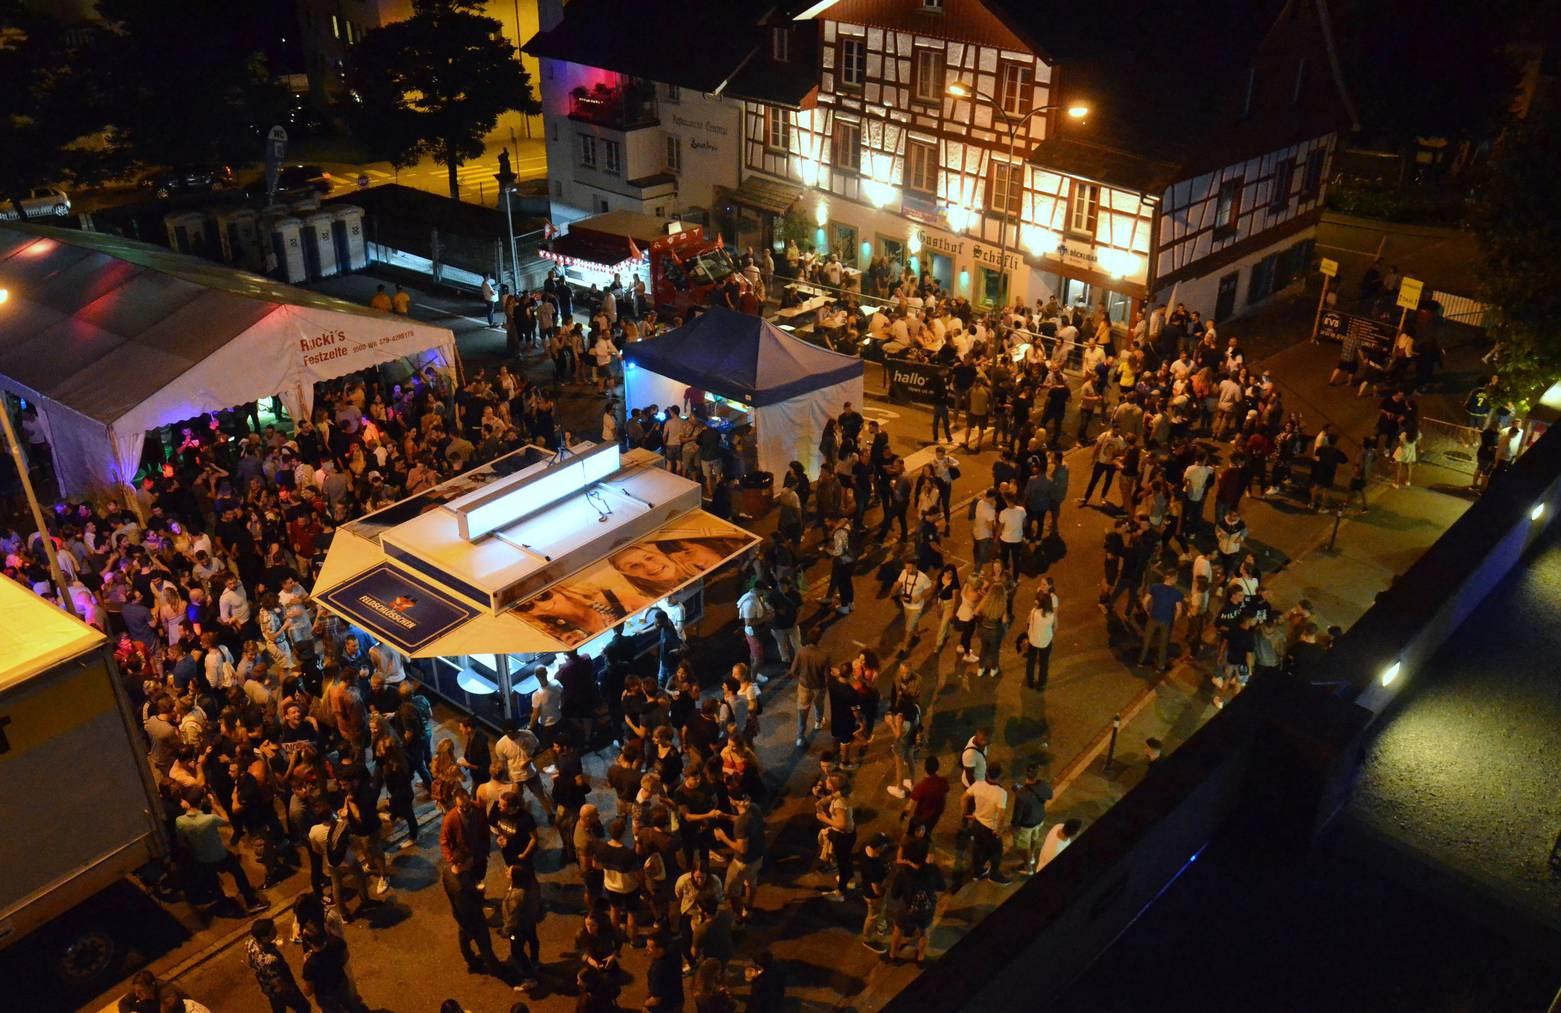 Rund 5000 Gäste versammelten sich Mitte Juli auf dem Viehmarktplatz neben der Böckli-Bar, dem ehemaligen J&B-Pub. (Bild: Tagblatt)